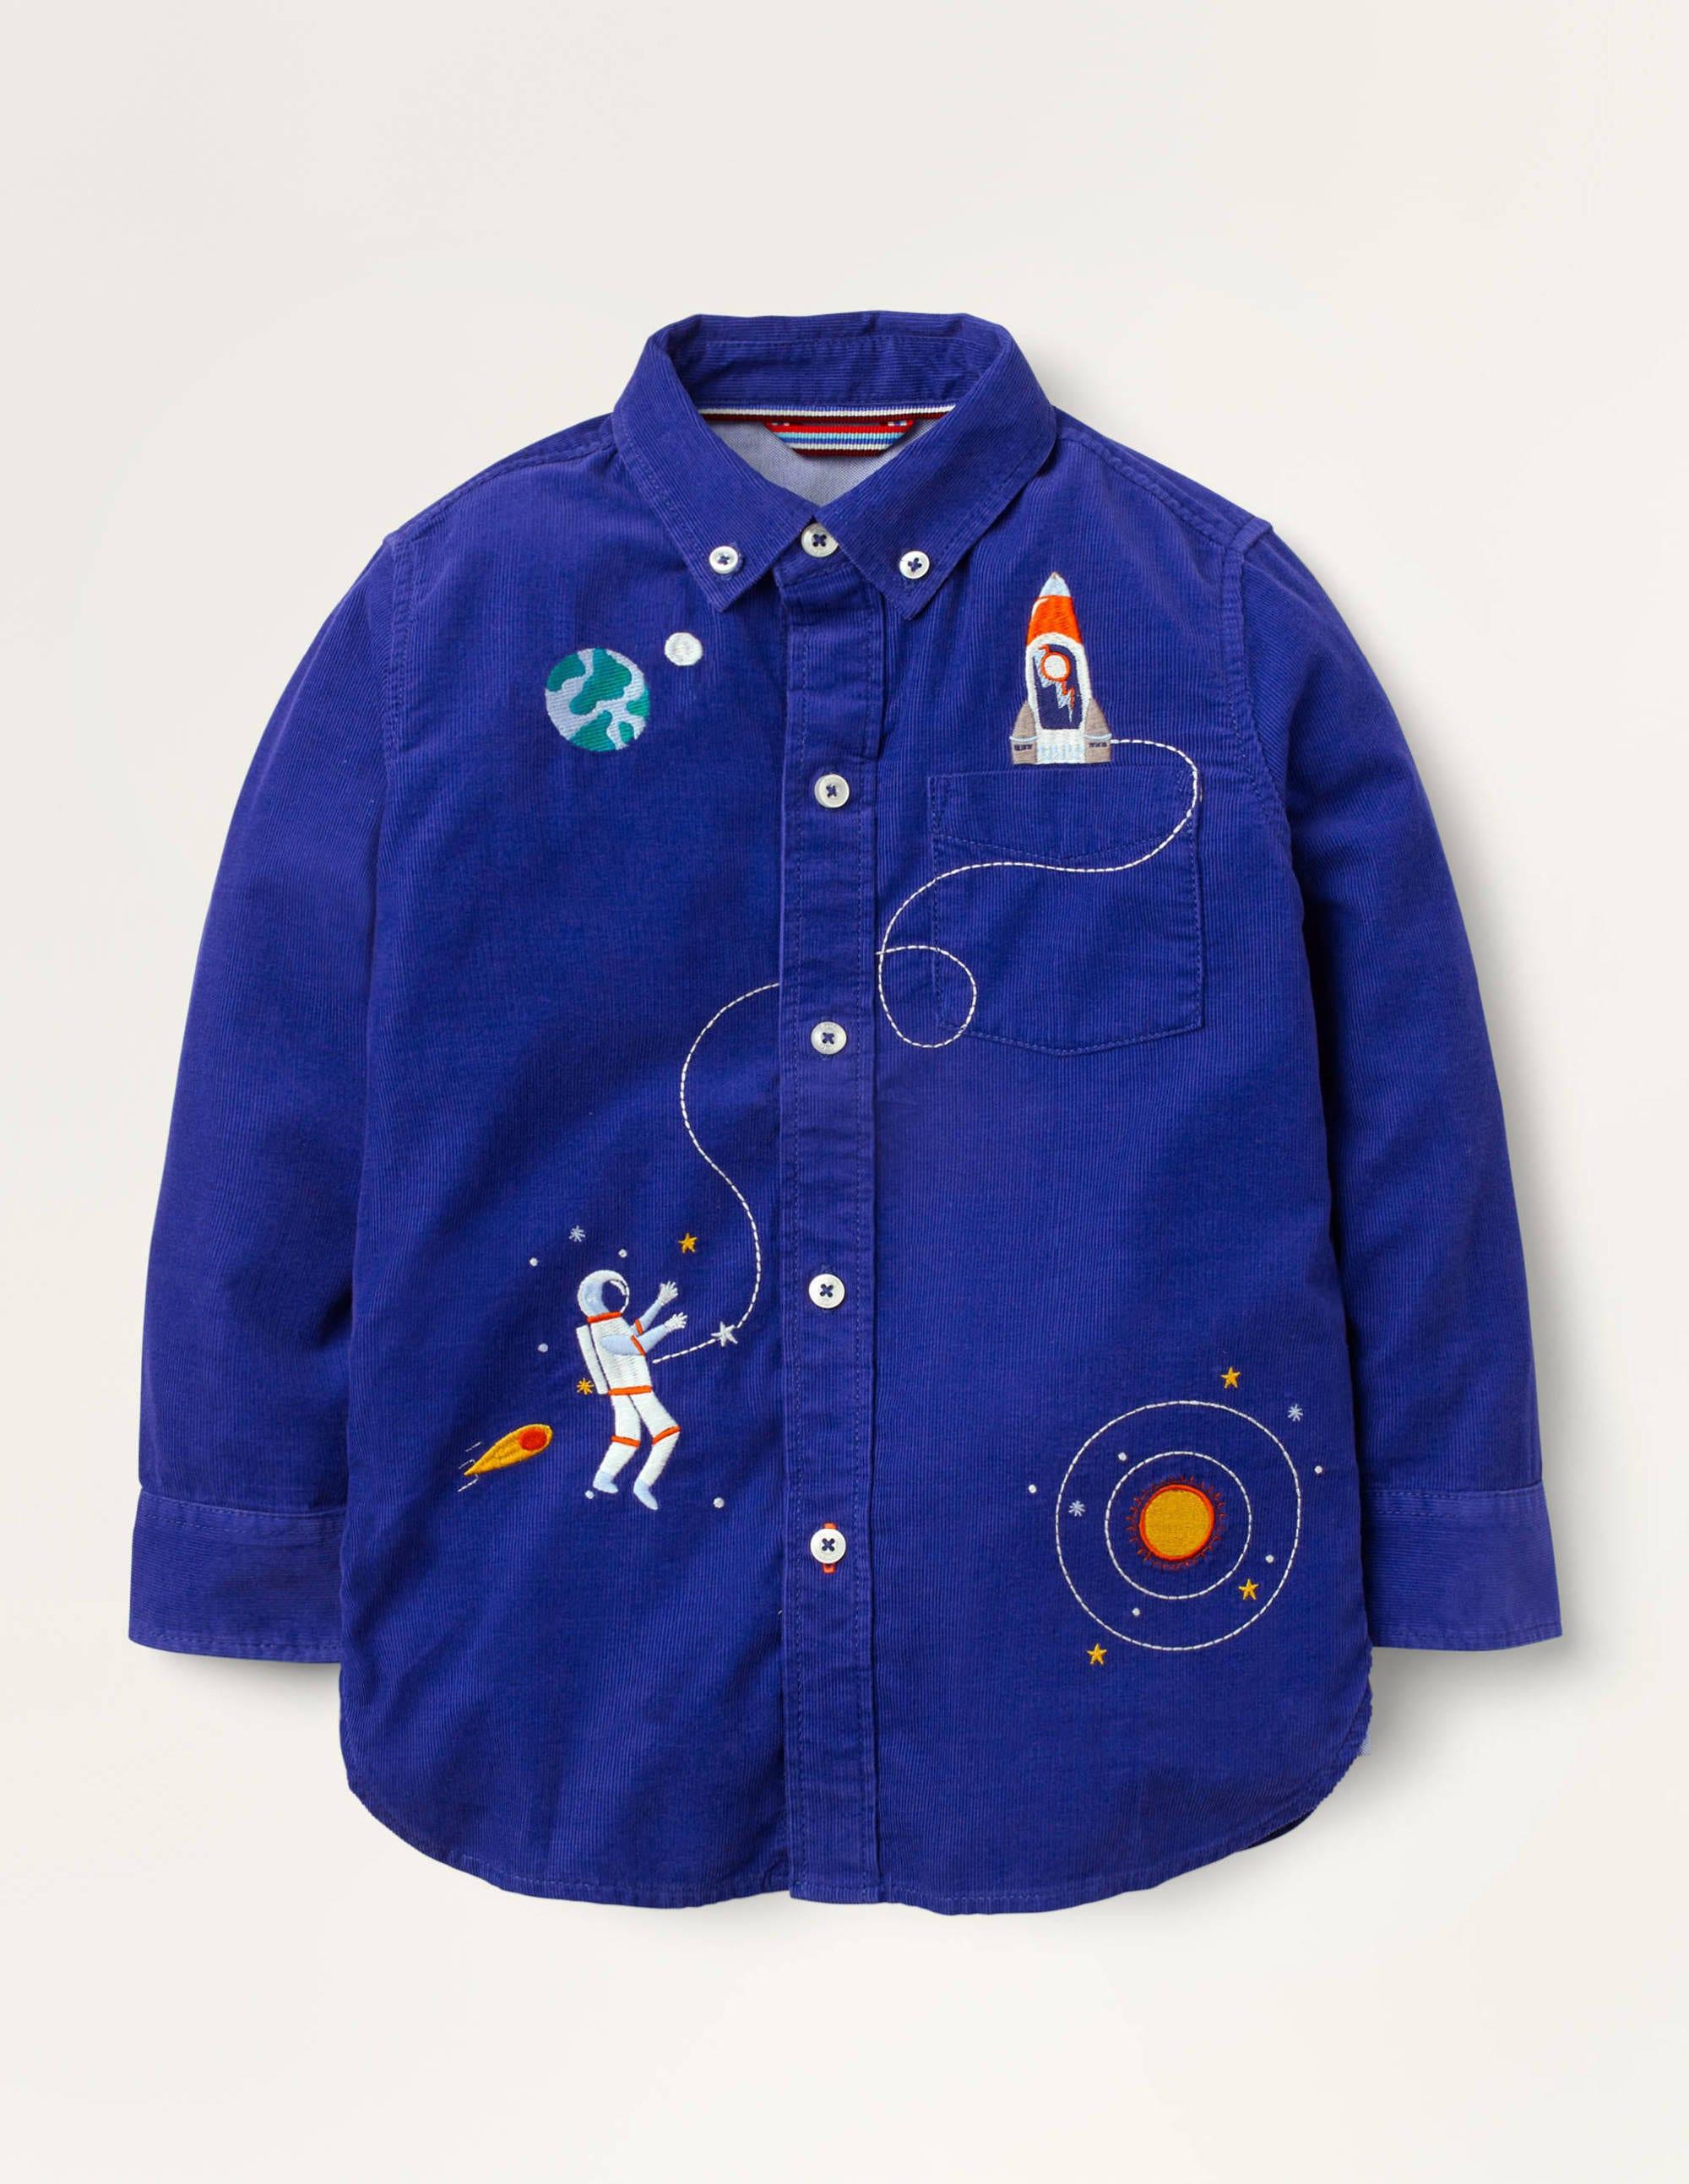 Chemise à motif spatial brodé en velours côtelé BLU Garçon Boden, Blue